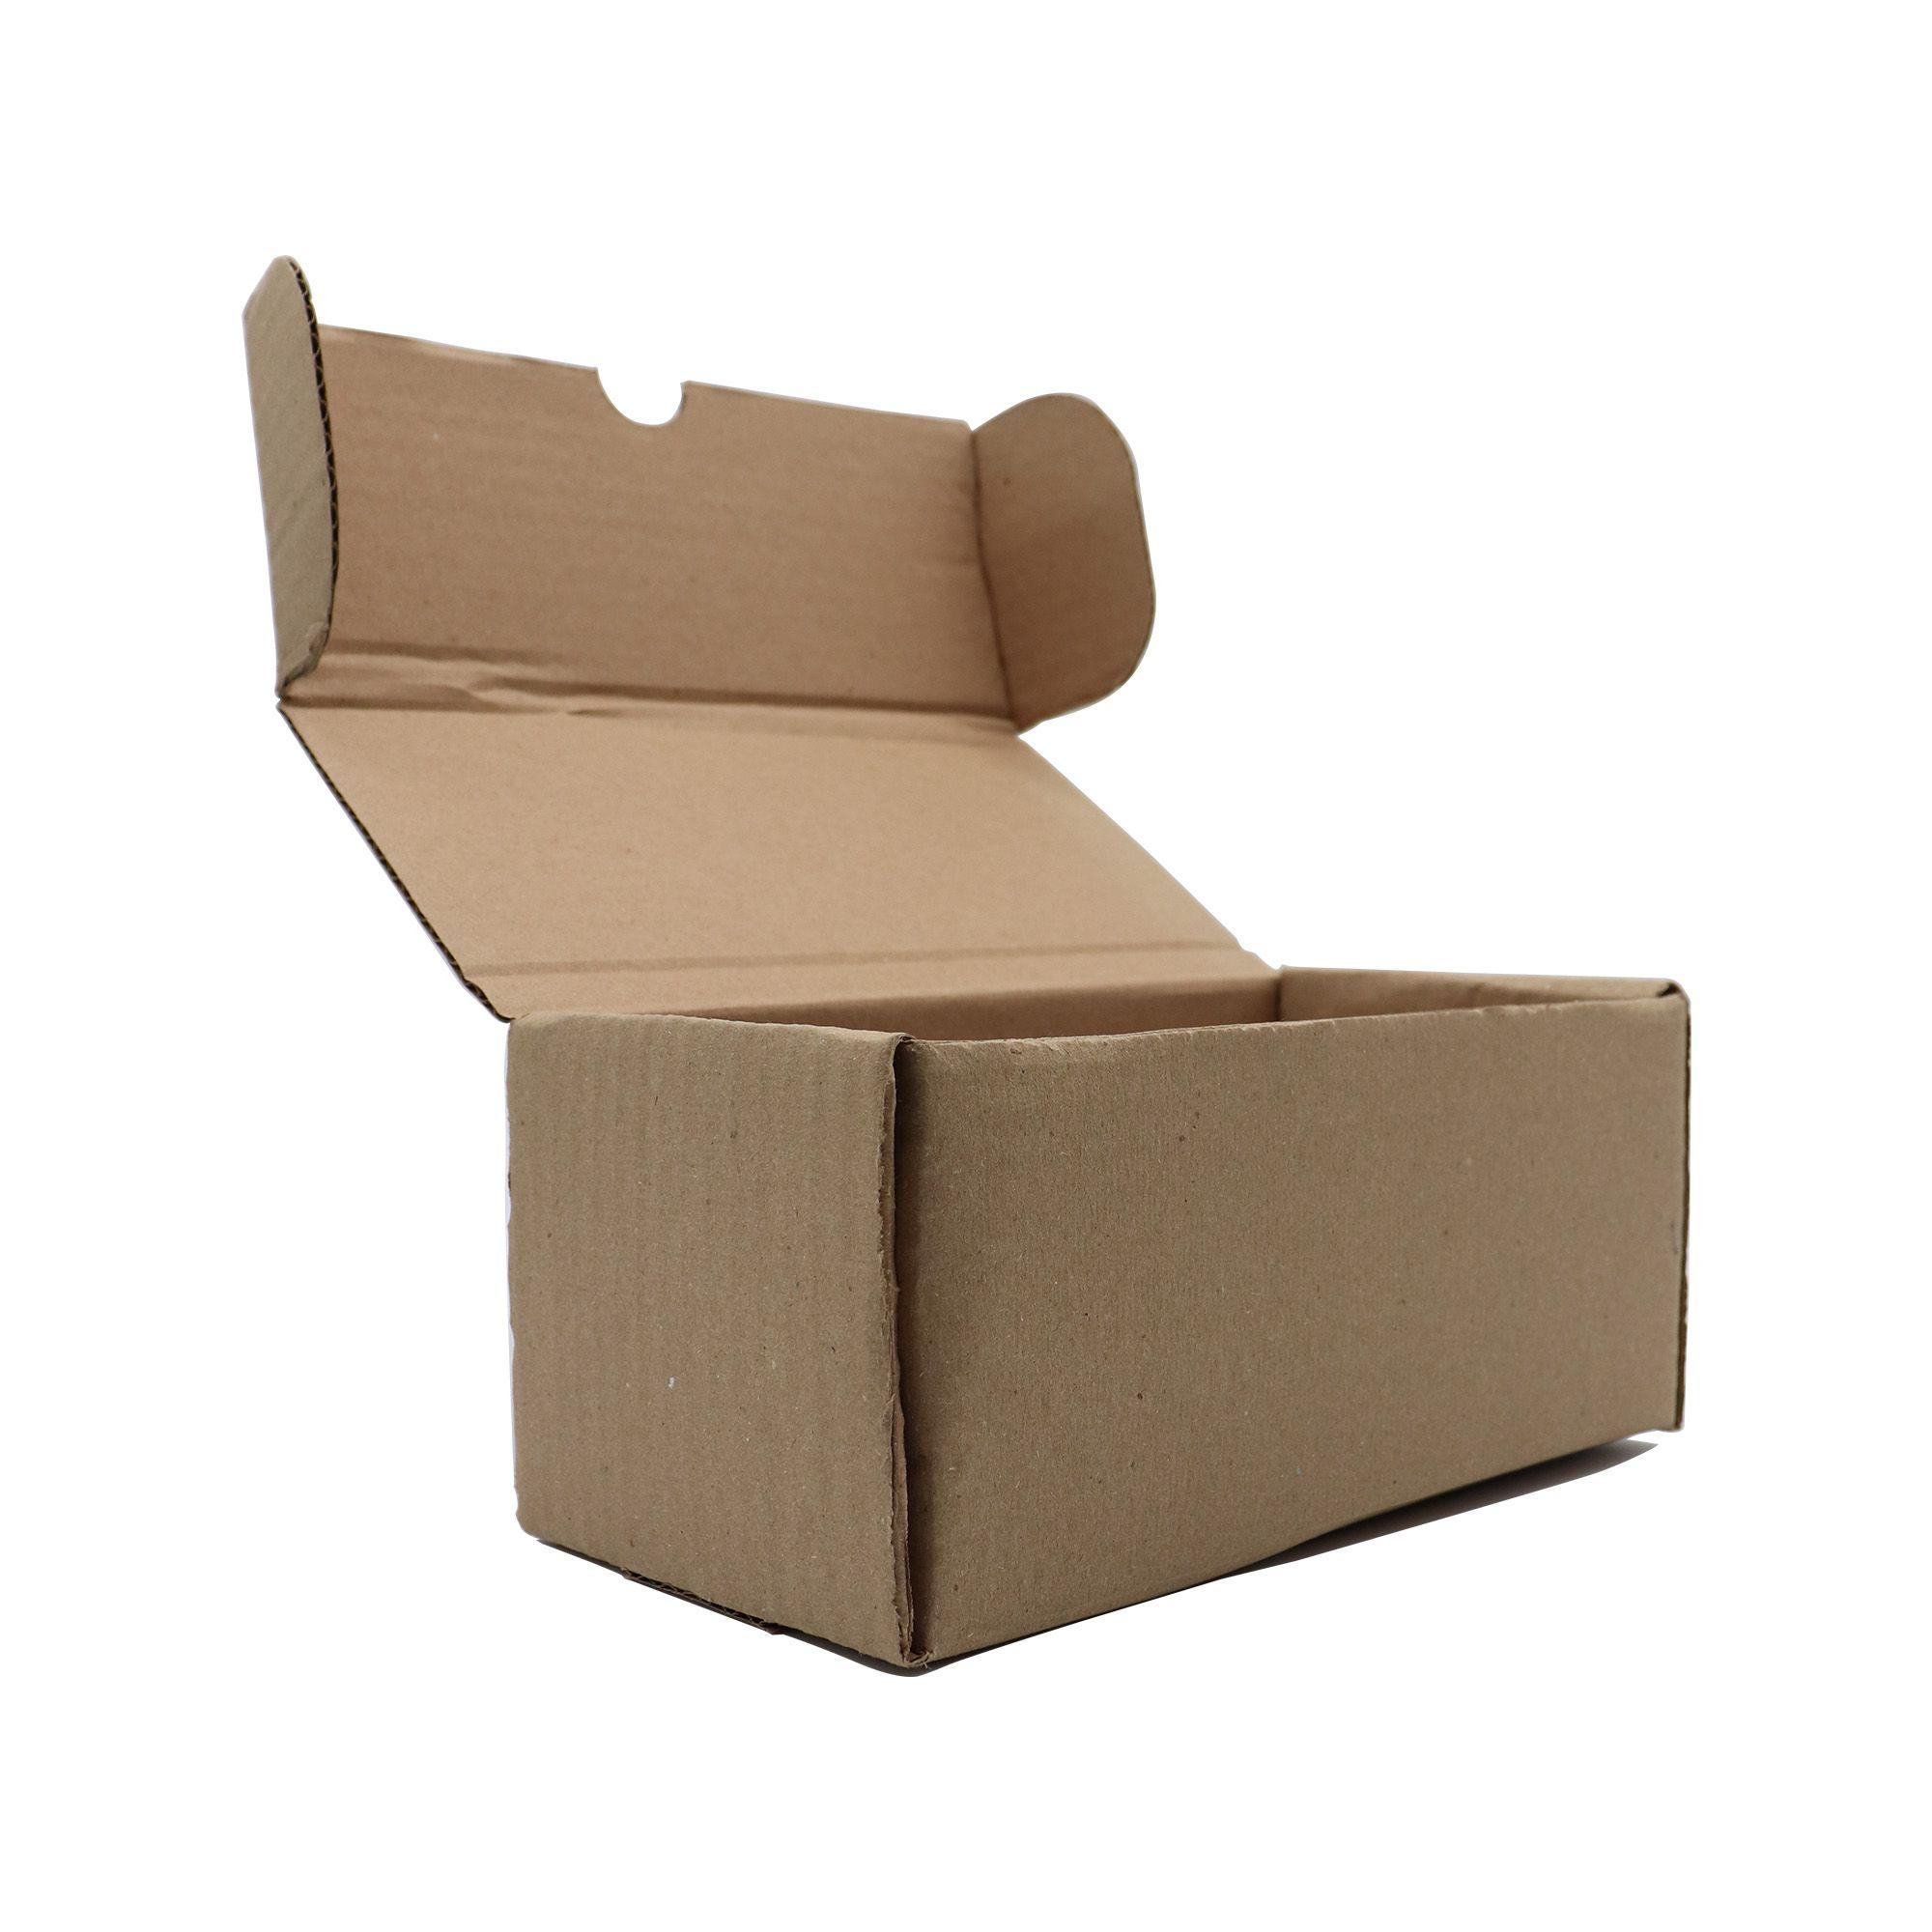 Caixa de Papelão Montável de medida 9x20x10